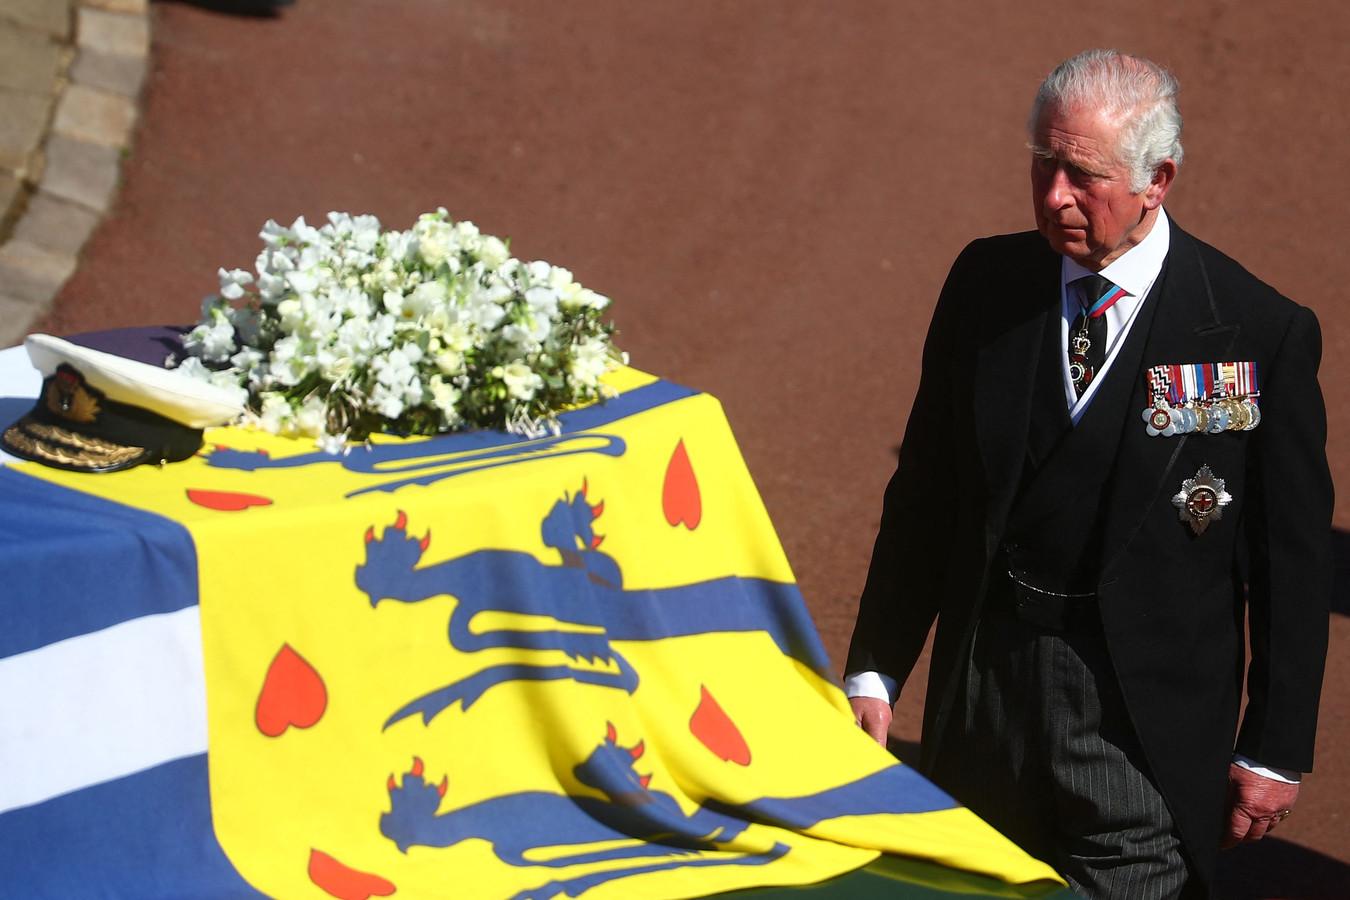 Charles groet de kist van zijn vader, die hij in een statement na diens dood 'my dear papa' noemde.